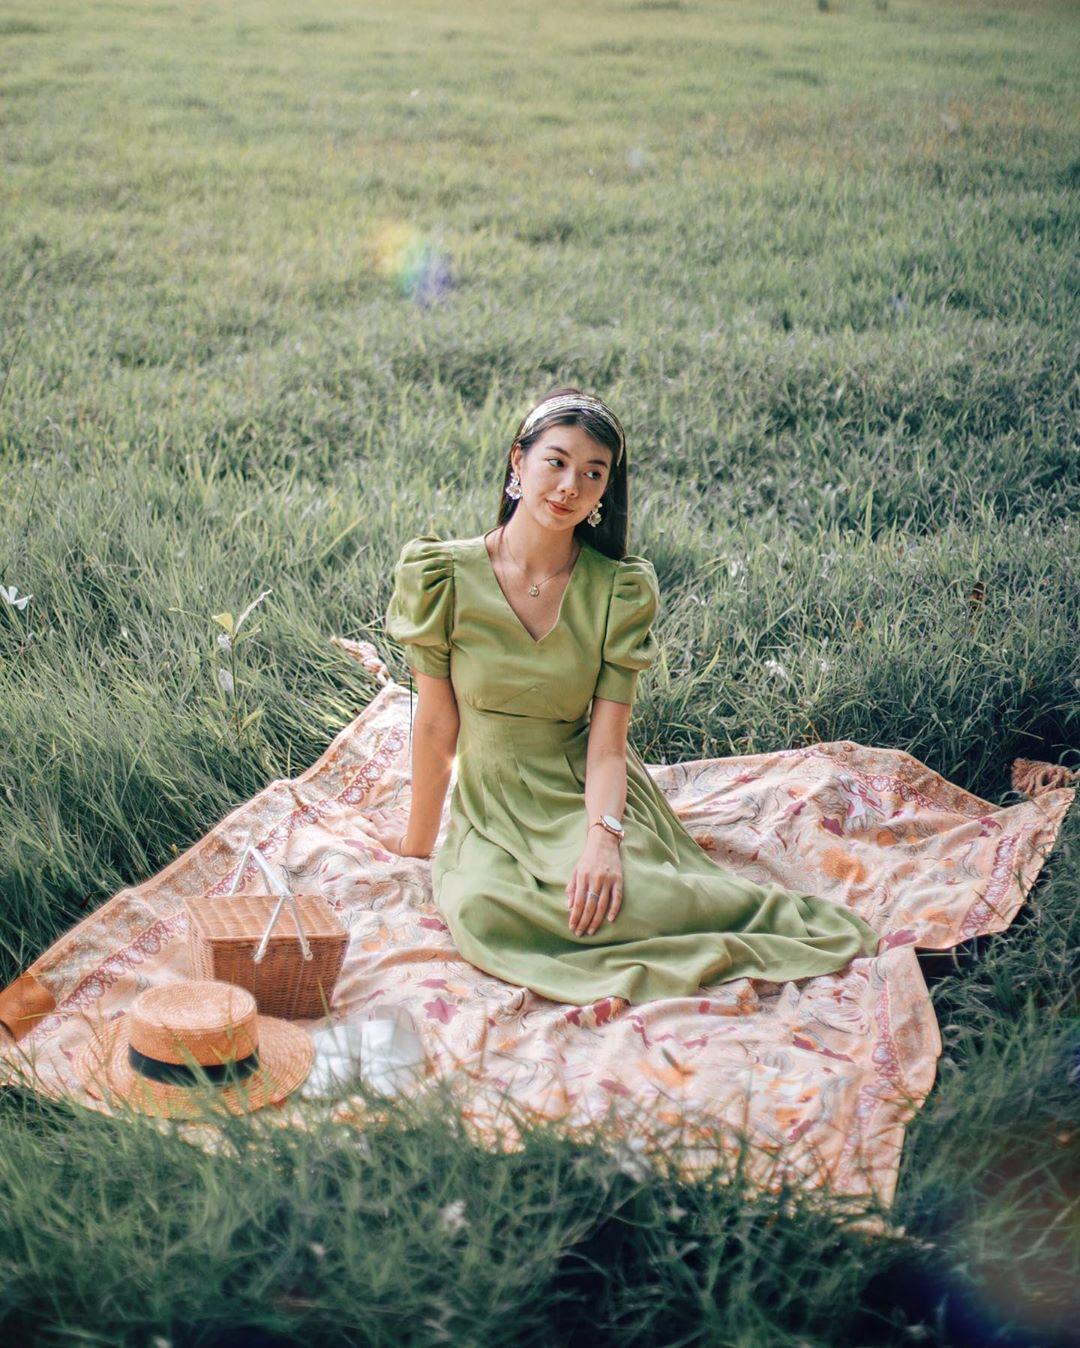 Cô gái mặc váy linen màu xanh lá phong cách thời trang Cottagecore